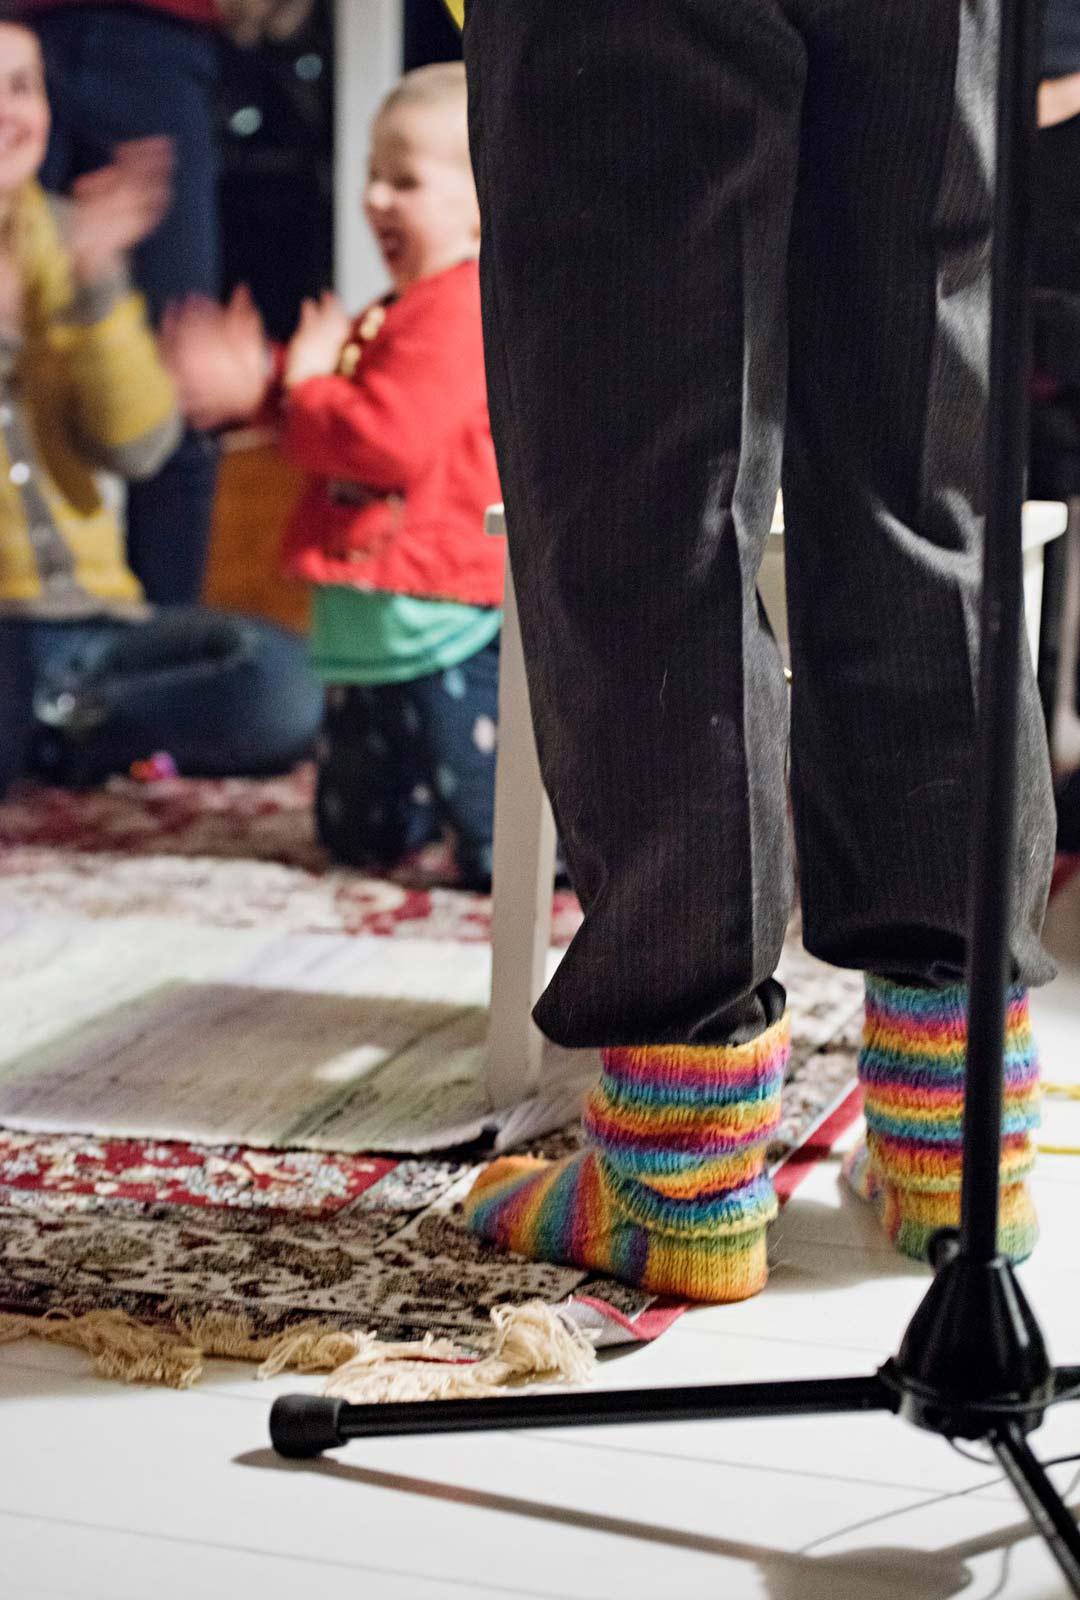 Kotikonsertissa on leppoisa tunnelma. Mukana on myös lapsia ja juhlakengiksi käyvät villasukat.